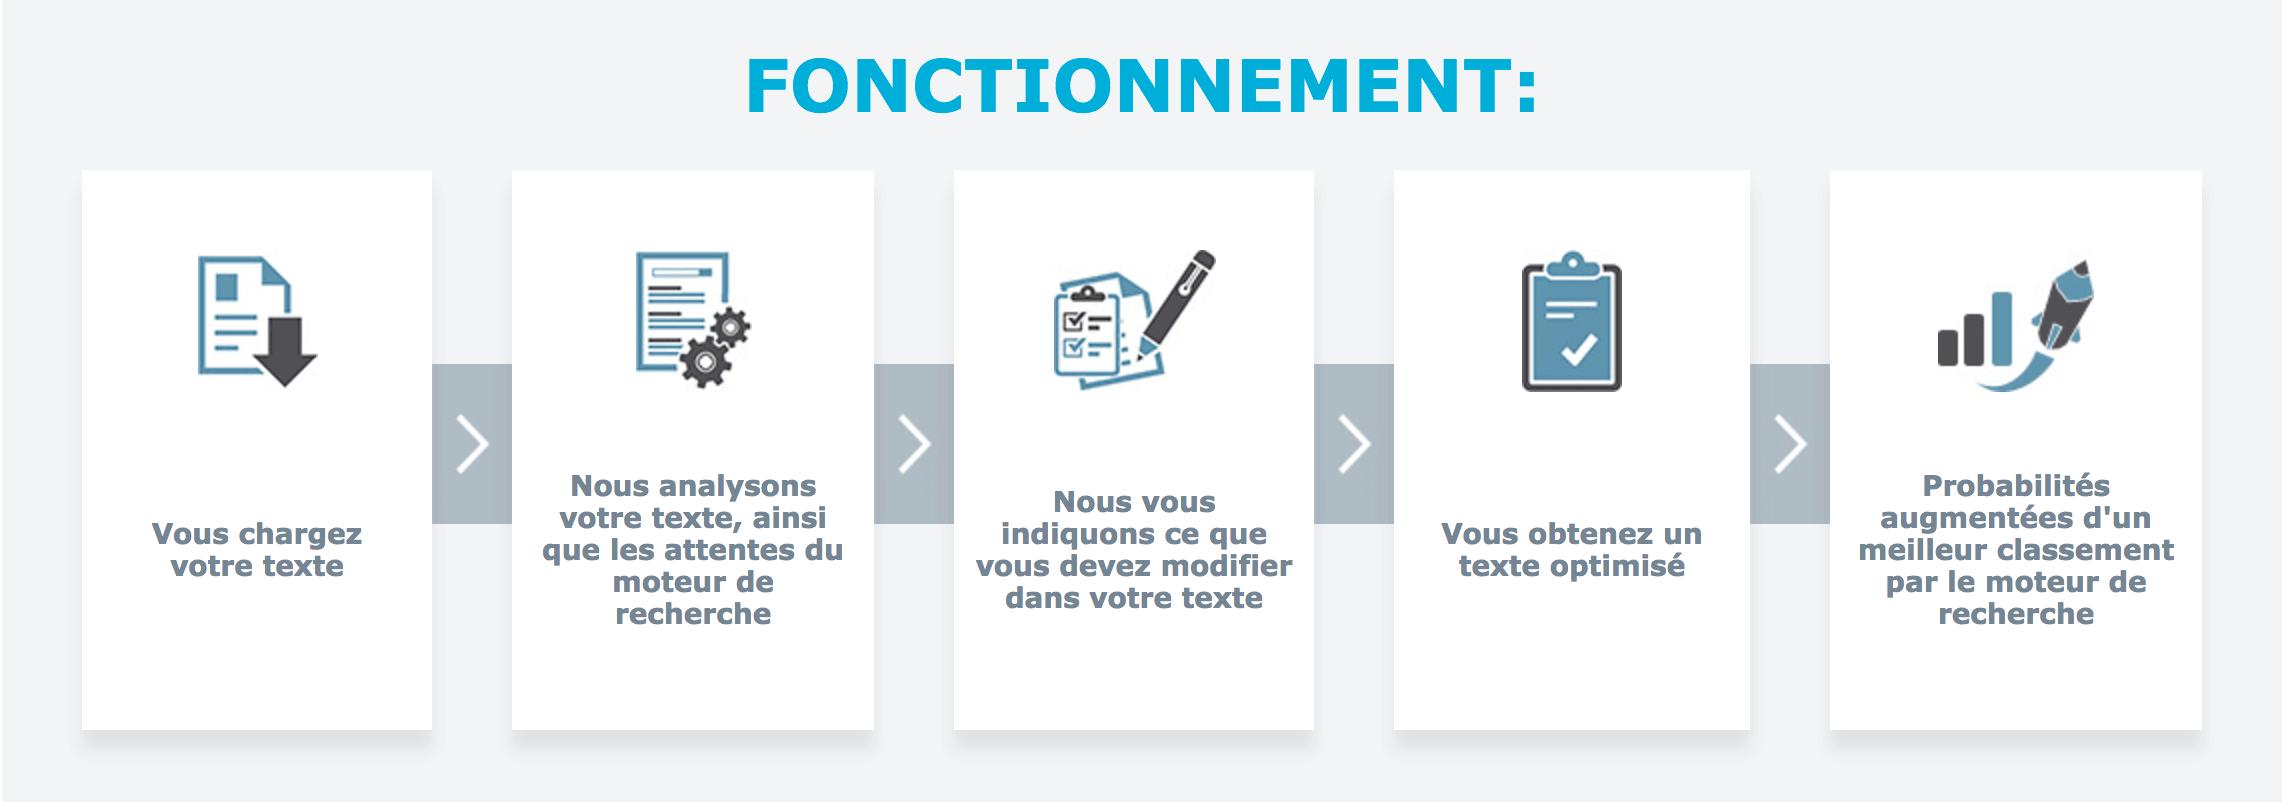 1.fr logiciel seo pour optimiser votre contenu